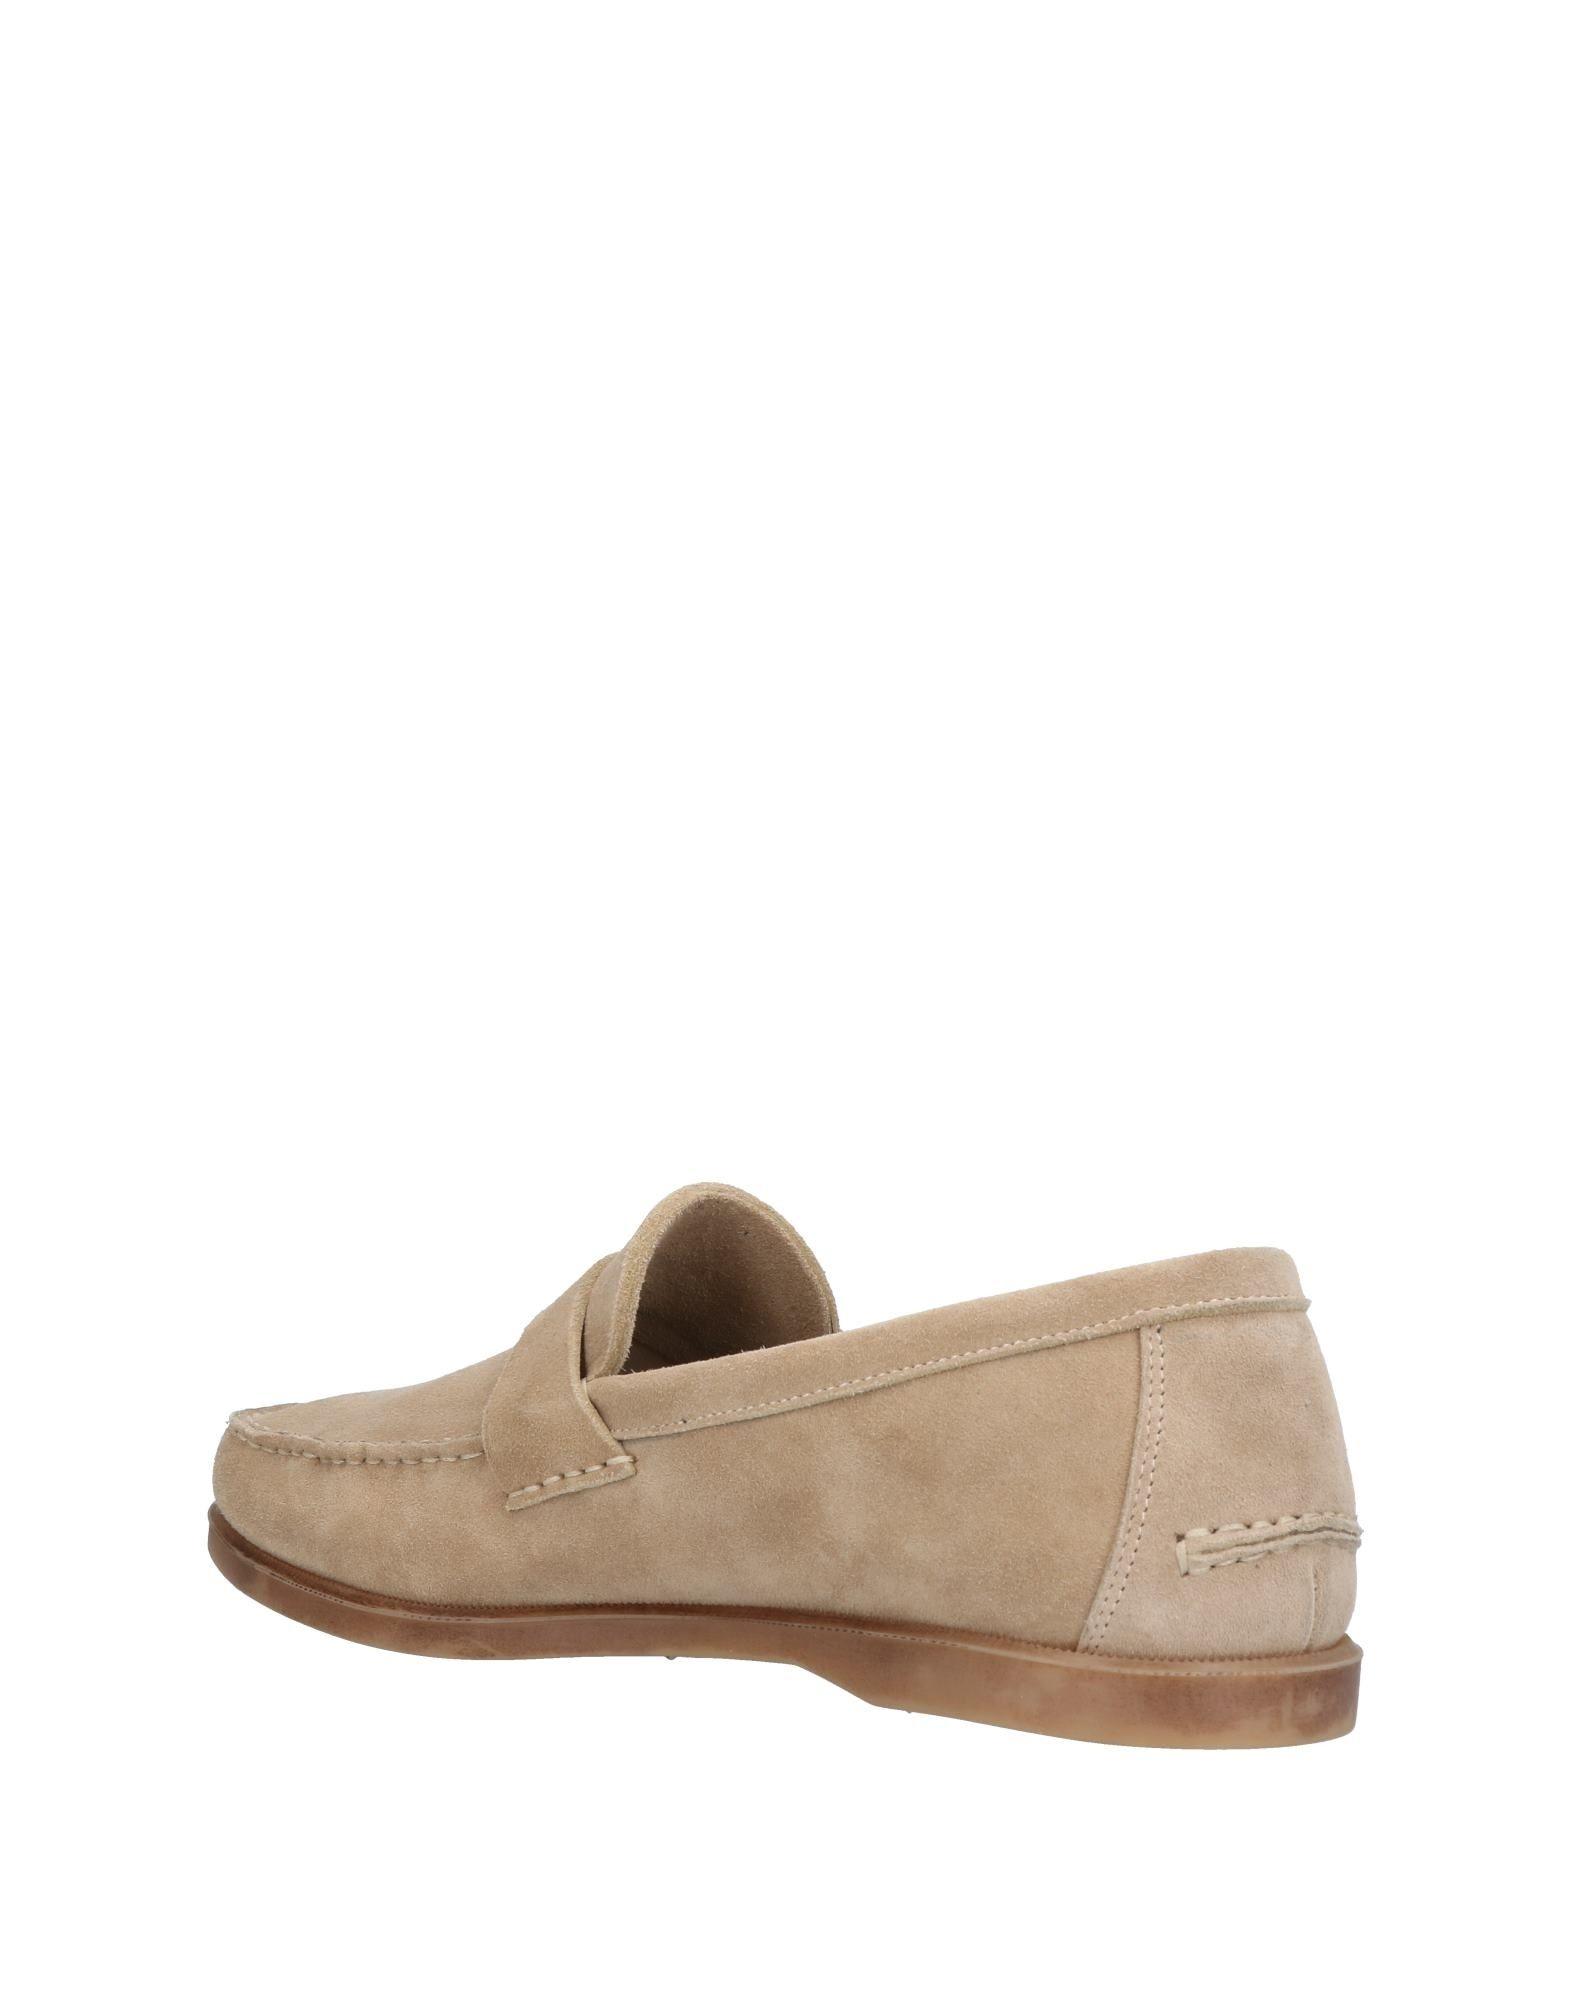 Rabatt echte Schuhe Migliore Mokassins Herren  11379016BW 11379016BW  d247e4